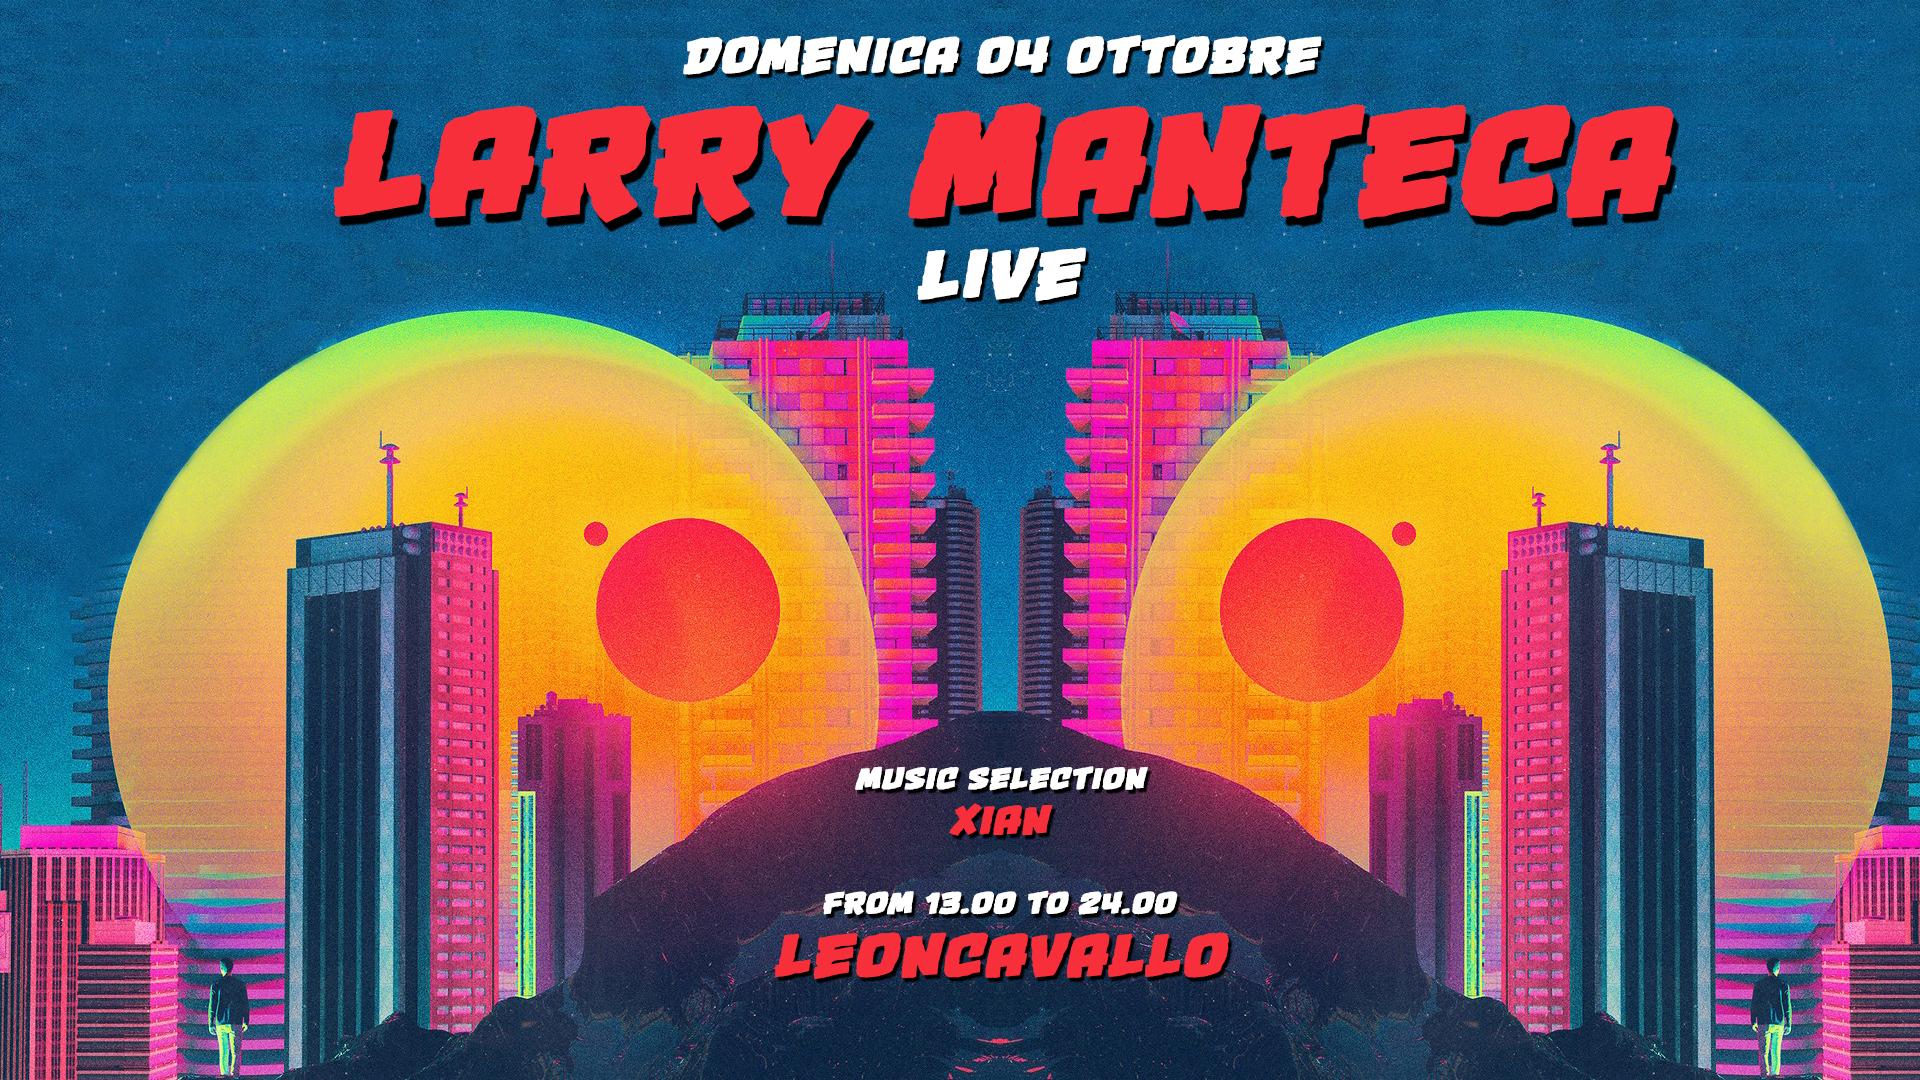 Larry Manteca - Una domenica in cortile